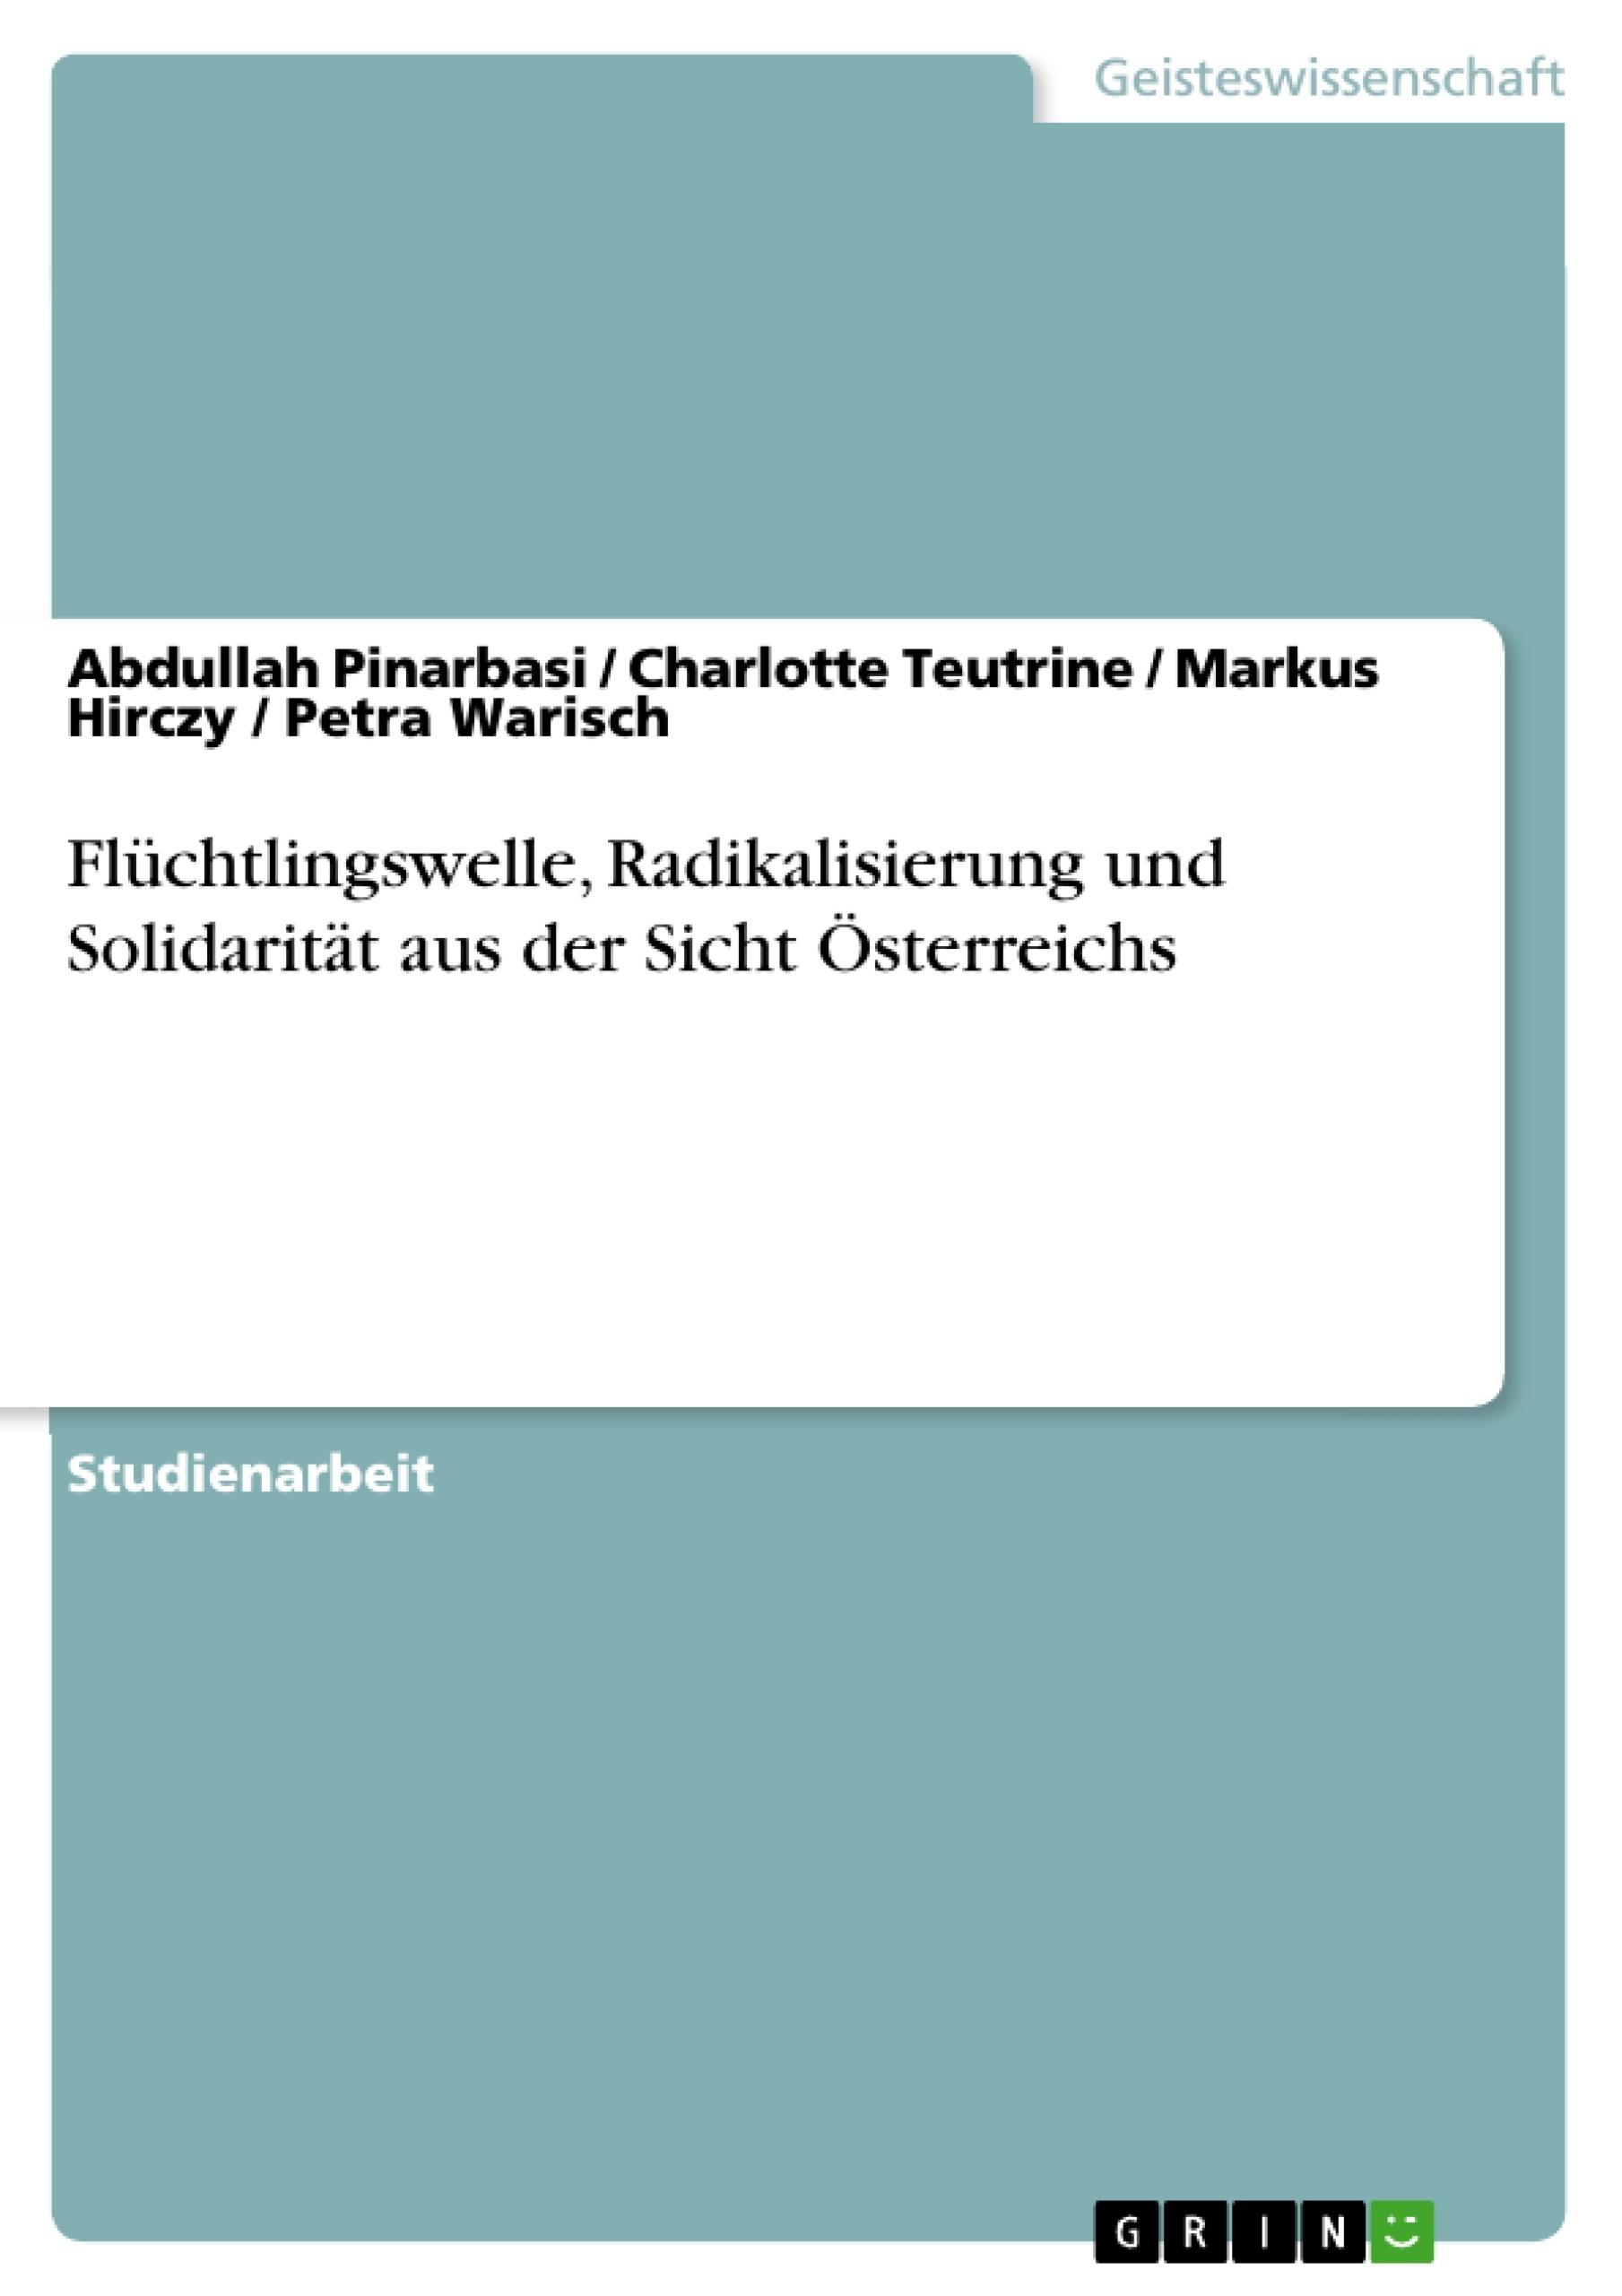 Titel: Flüchtlingswelle, Radikalisierung und Solidarität aus der Sicht Österreichs